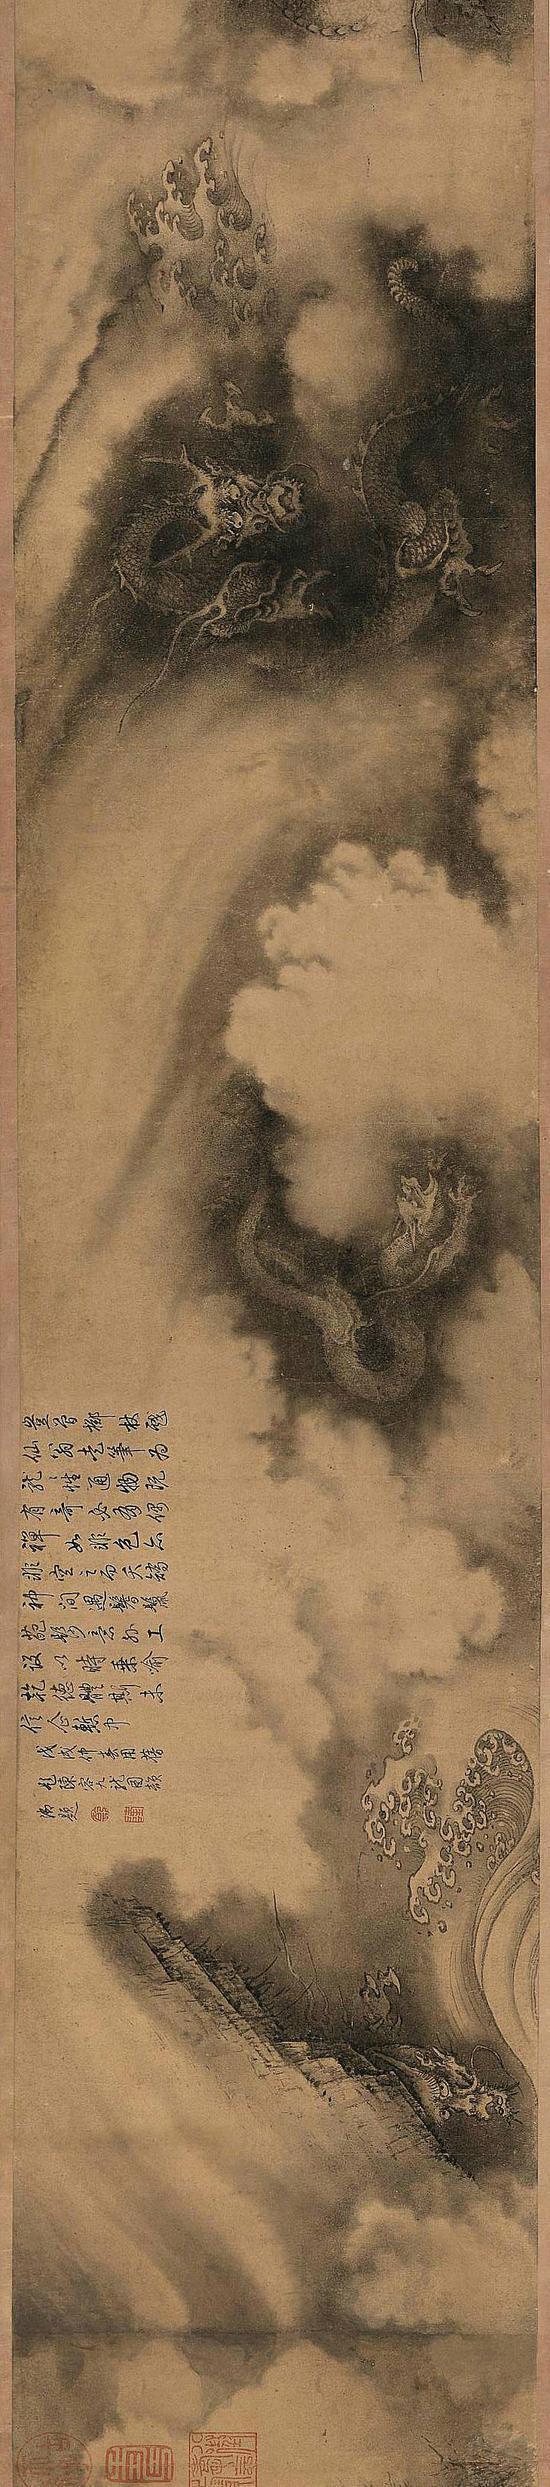 南宋《六龙图》开创水墨画龙的先河 原为乾隆所有(图)